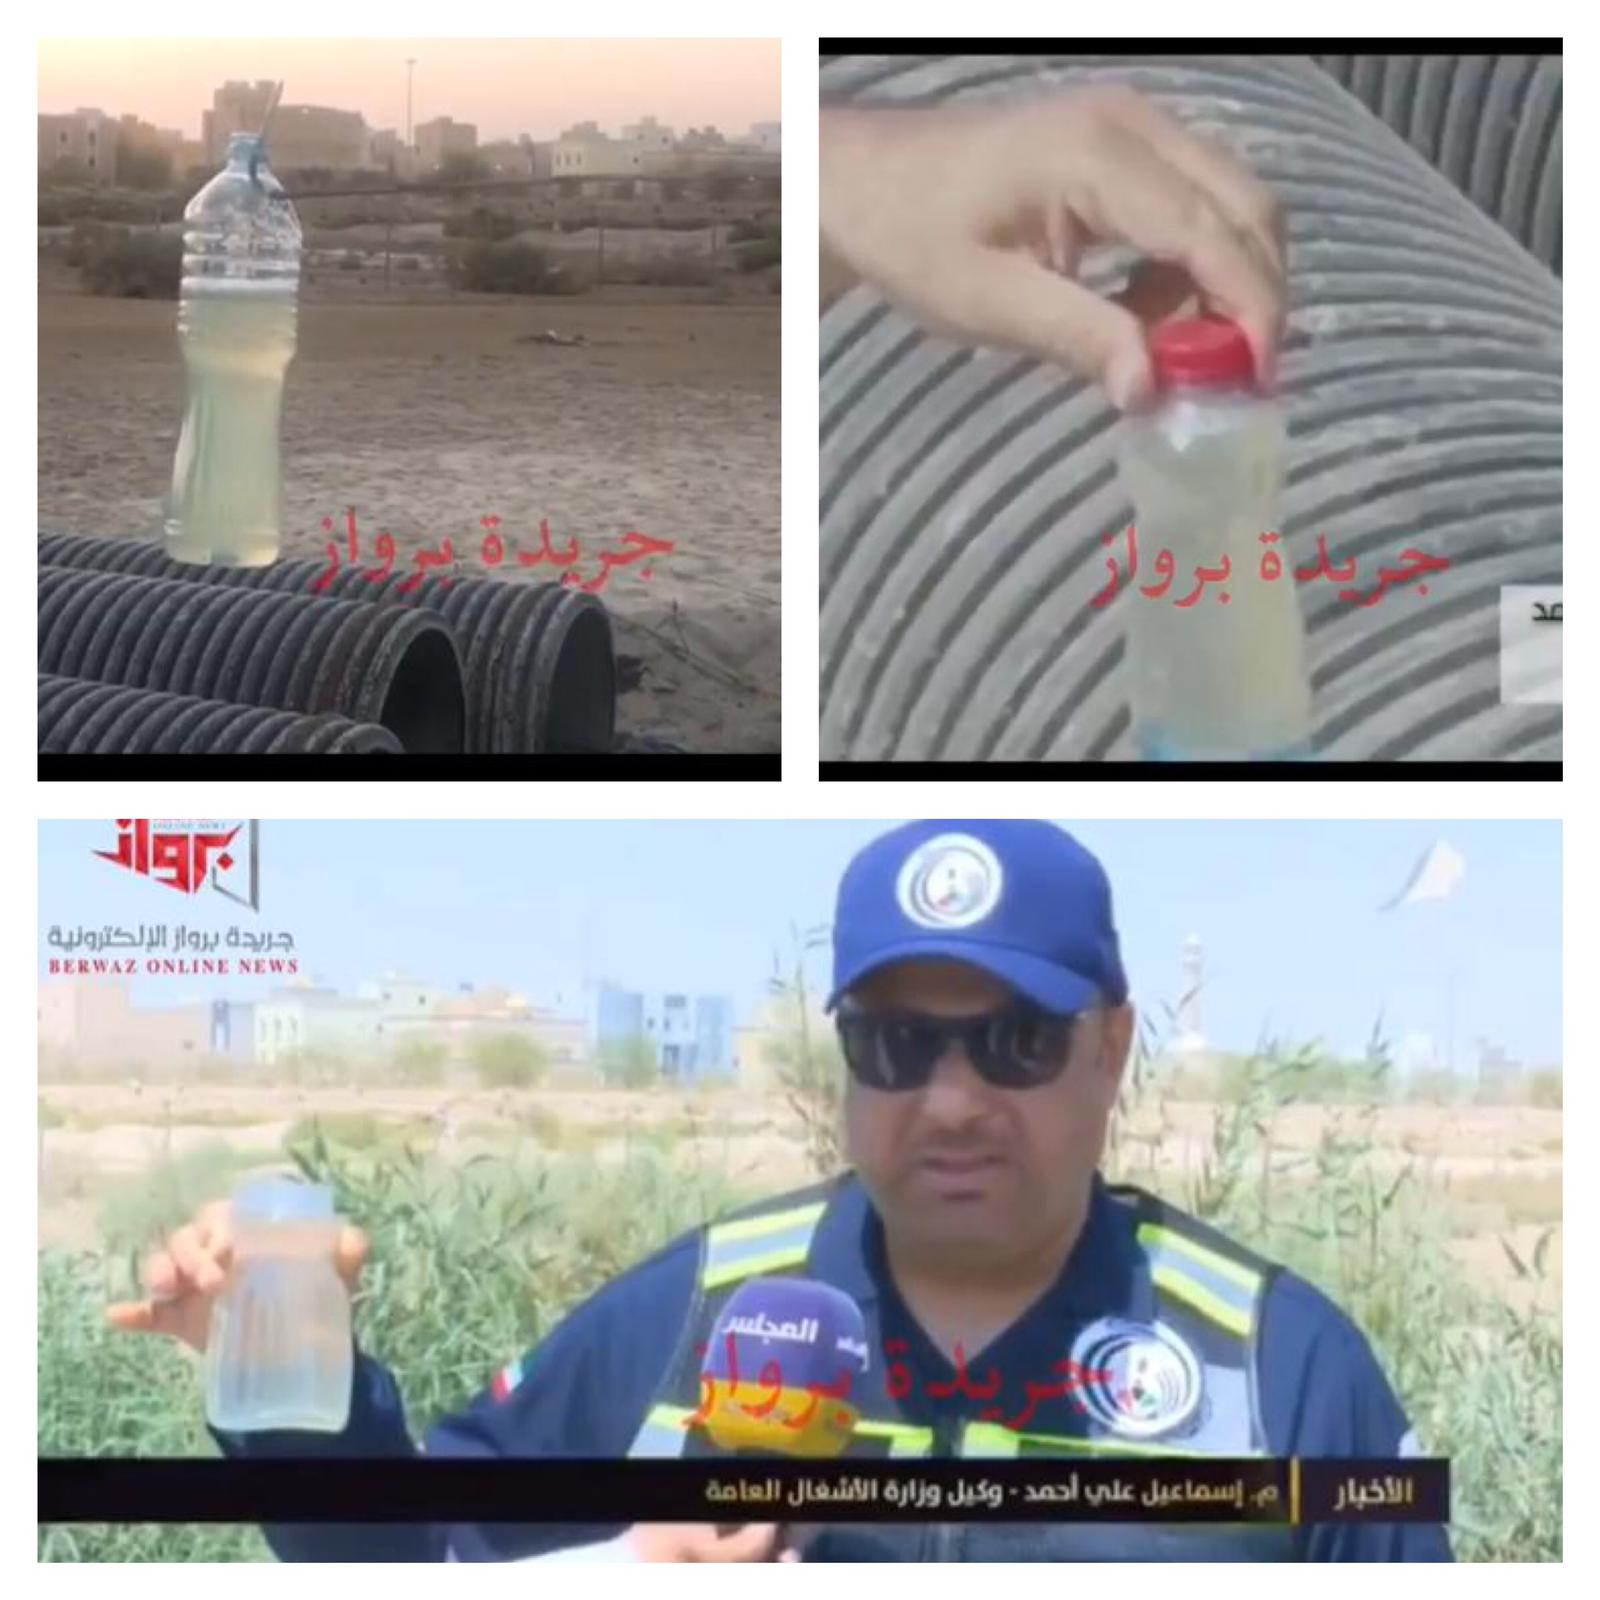 مدينة صباح الاحمد - في مدينة صباح الاحمد  لماذا عينة المياه صافية في الاعلام ومتى تنتهي المعاناة ؟